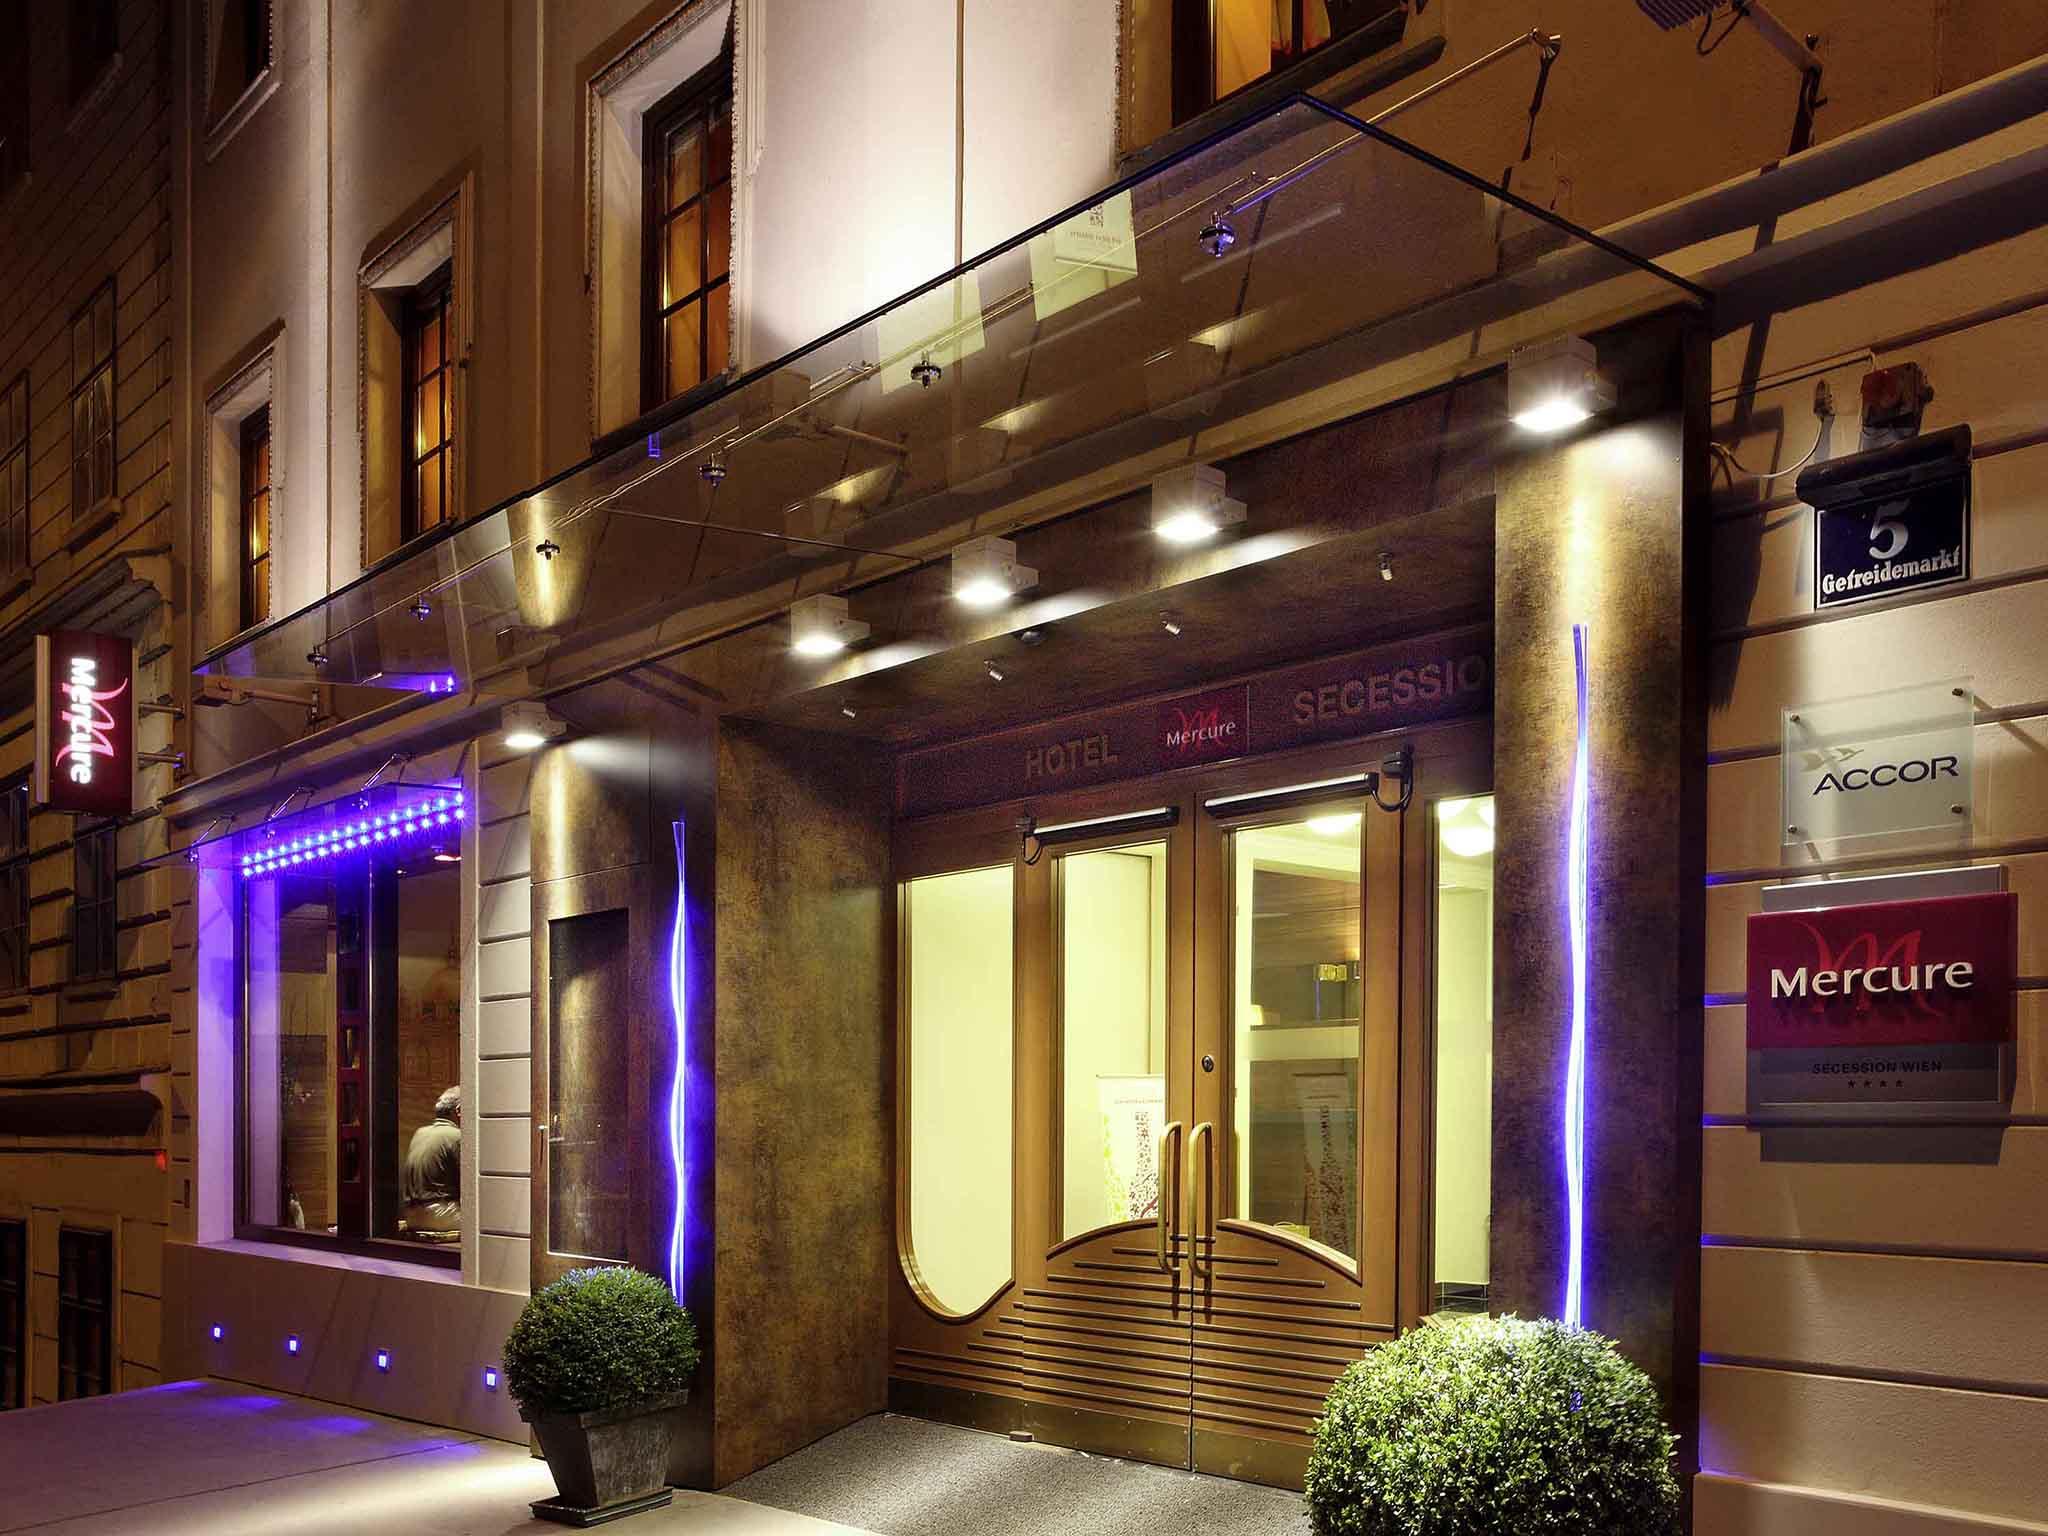 Otel – Hotel Mercure Secession Wien